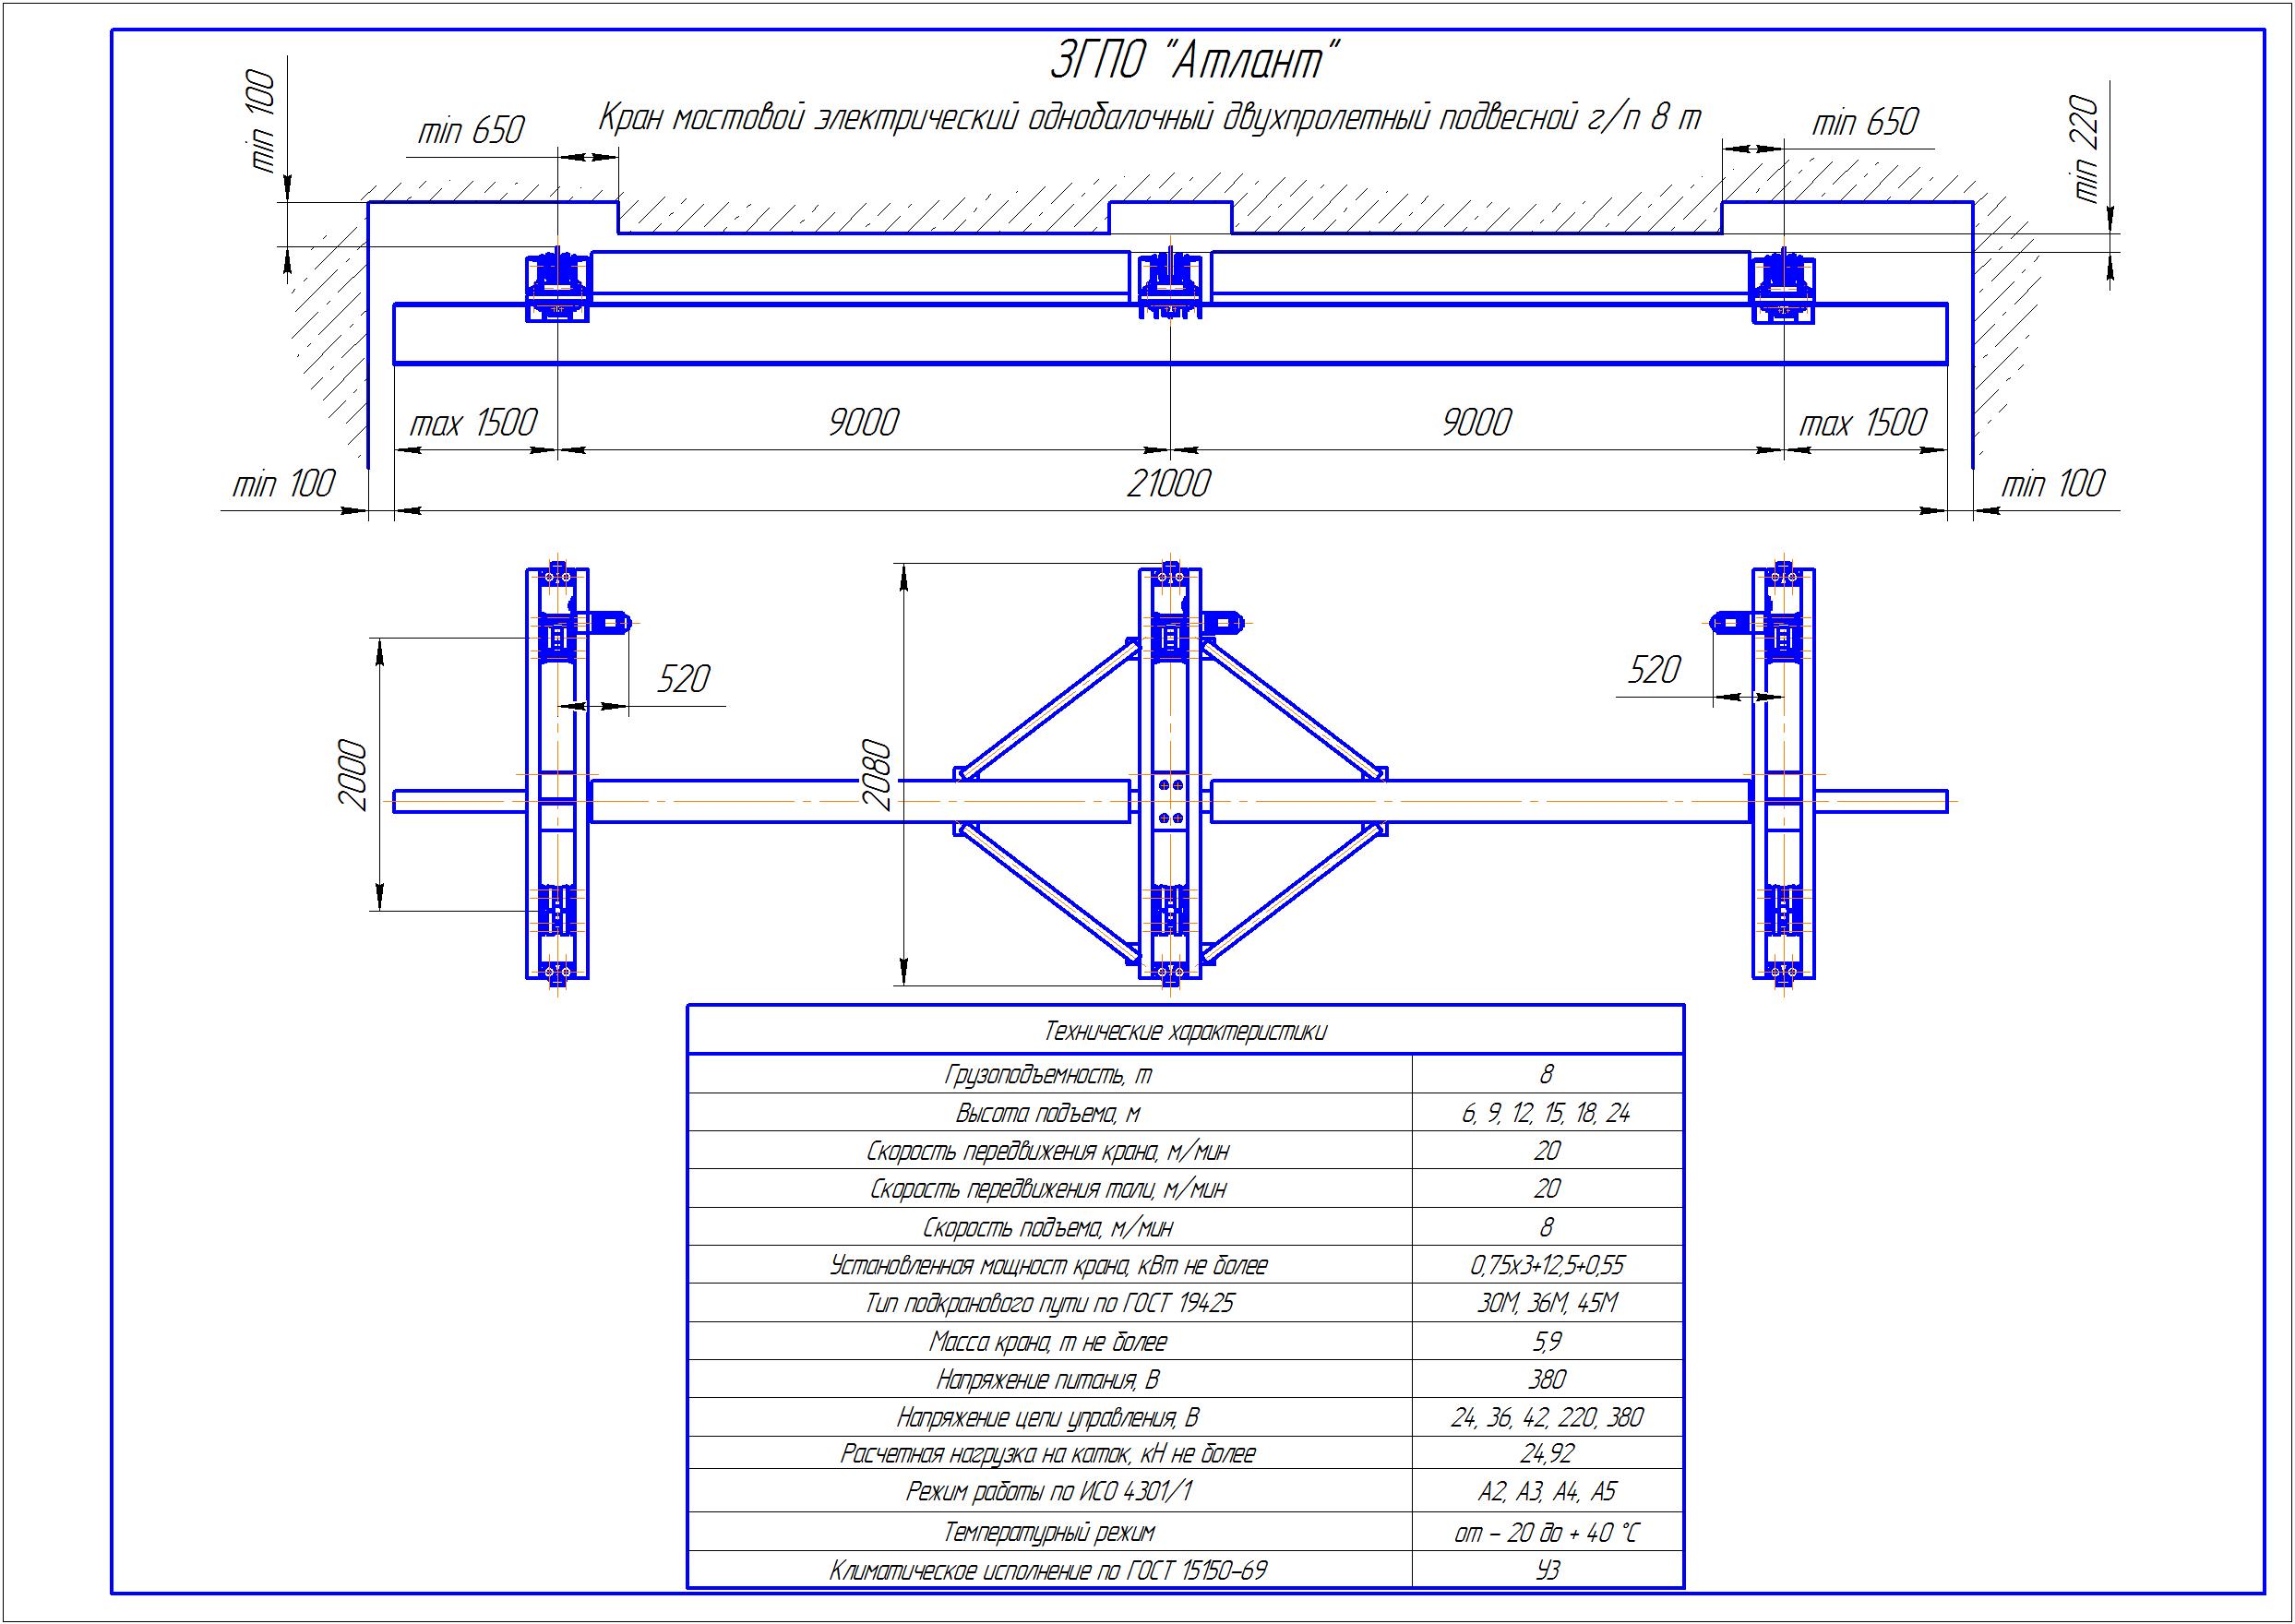 KBPD 6 2 - Подвесная кран балка двухпролетная